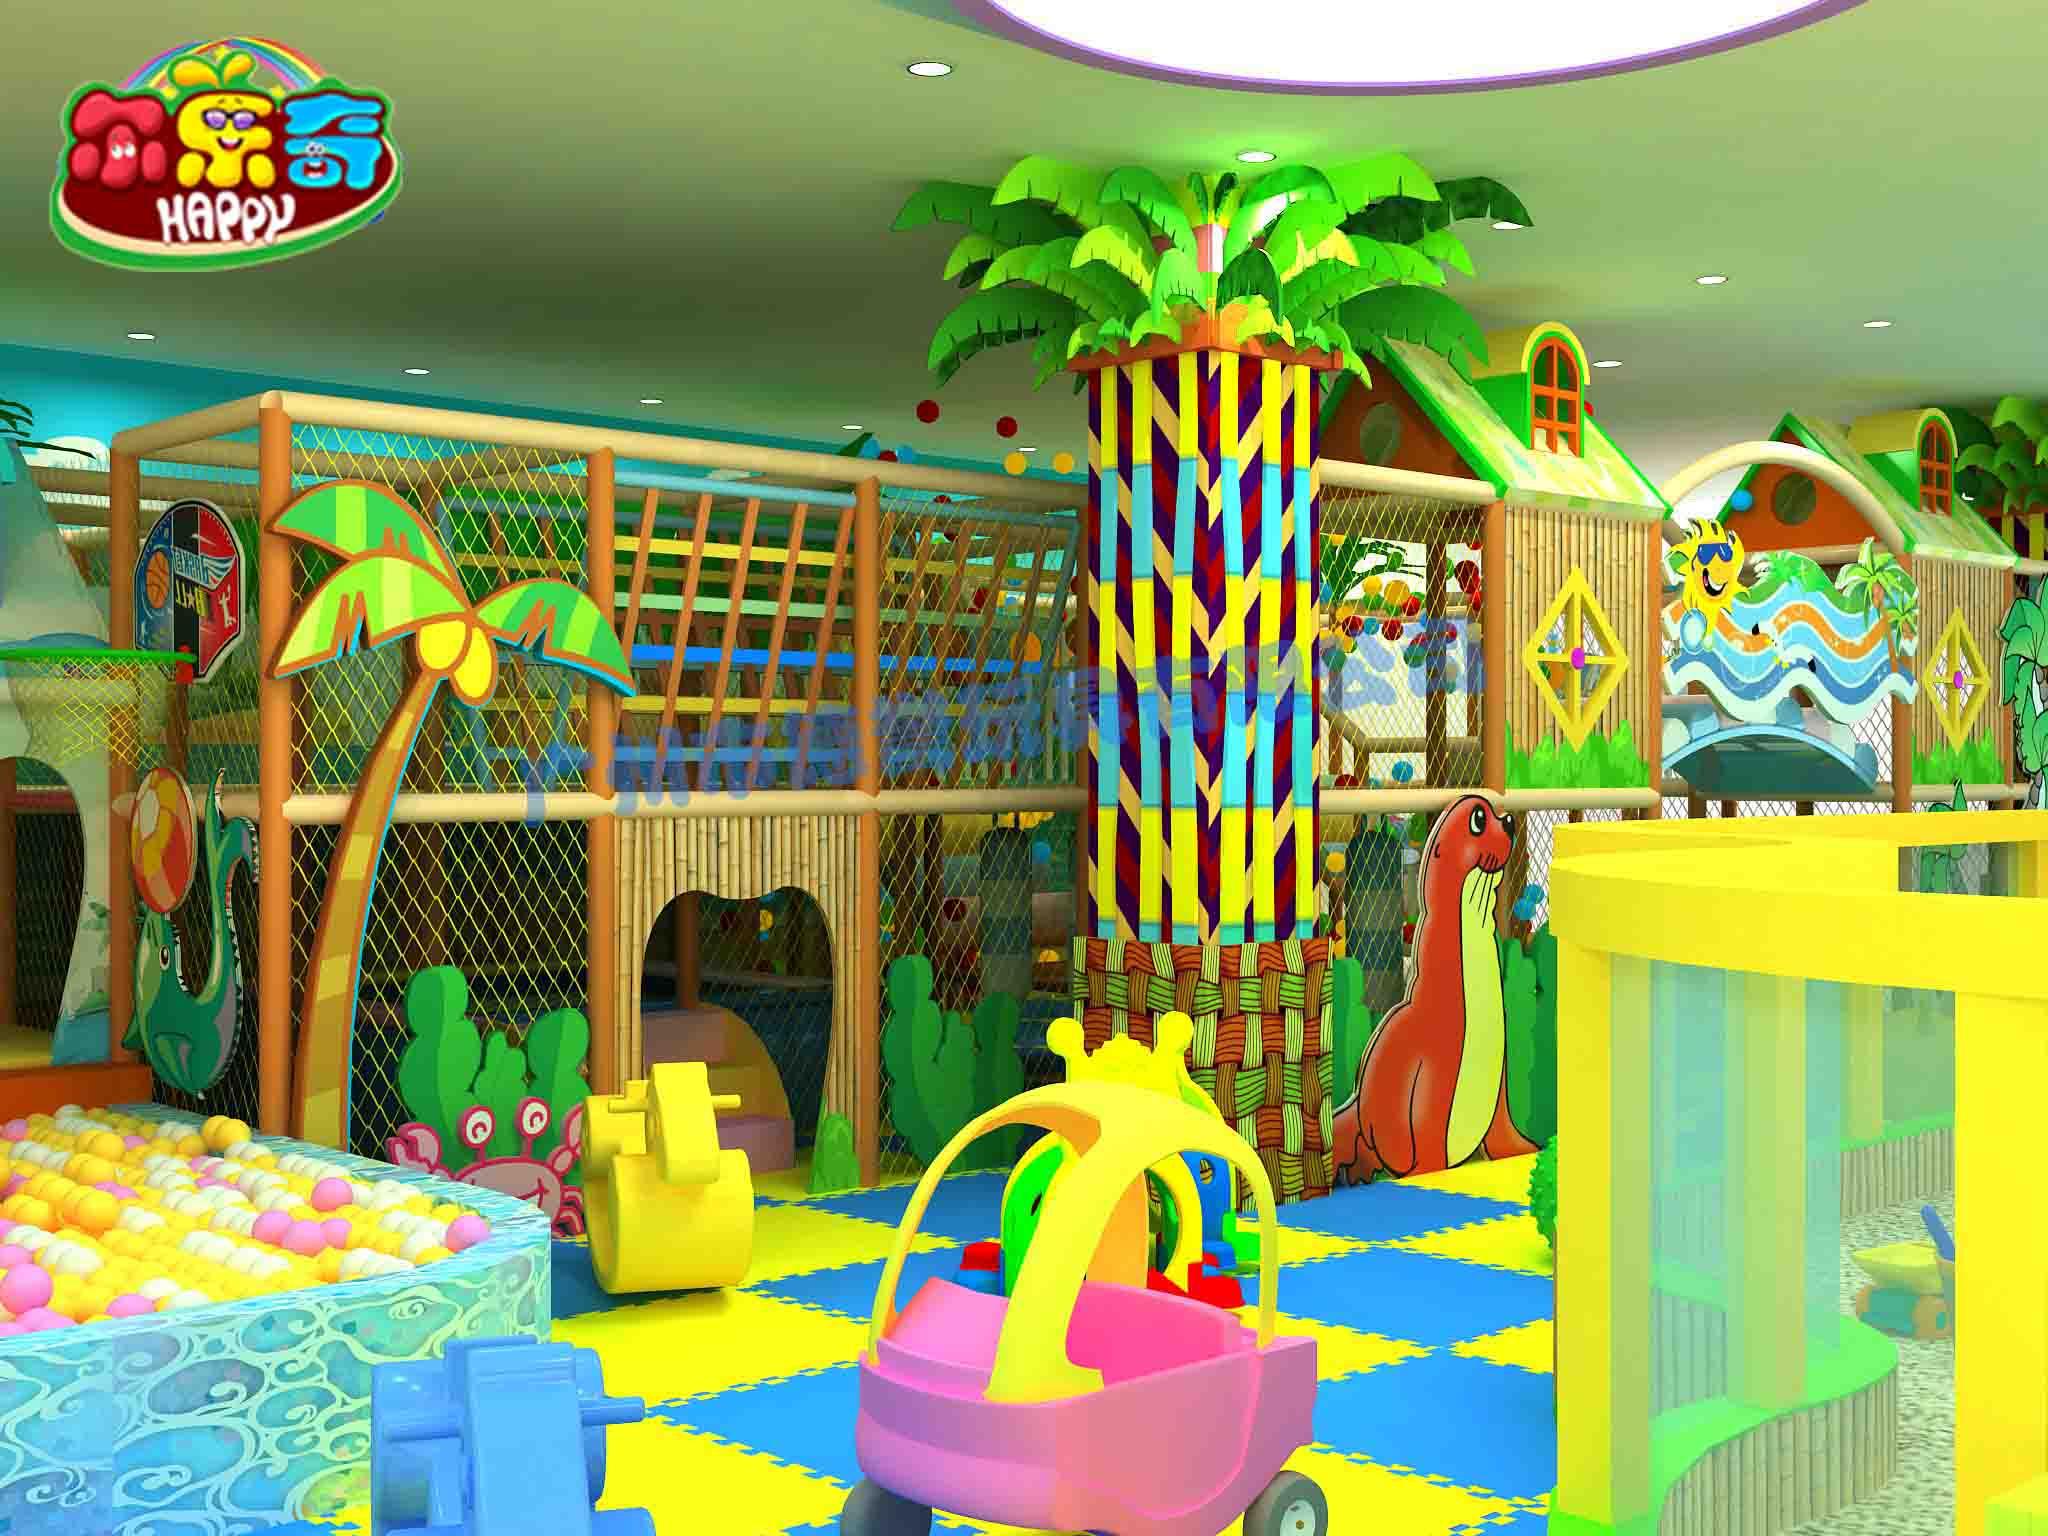 淘气堡,淘气堡价格,儿童乐园,儿童乐园厂家供应广州淘气堡|电动淘气堡 广州市德誉玩具有限公司 淘气堡是根据儿童爱玩的特征设计的, 它是一座新型的、综合性极强的儿童乐园,通过科学的立体组合,形成一个集游乐、运动、益智、健身为一体的新一代儿童活动中心。针对儿童喜欢钻、爬、滑、滚、晃、荡、跳、摇等天性设计的。有利于孩子充分发挥活力和想象力,在玩得开心的同时,身体得到有氧耐力煅炼;有利于满足小朋友们争强好胜、不甘落后、勇于探险等心理要求,使孩子们更加健康 快乐聪明地成长;同时有利于培养儿童勇敢、坚韧、顽强的个性,